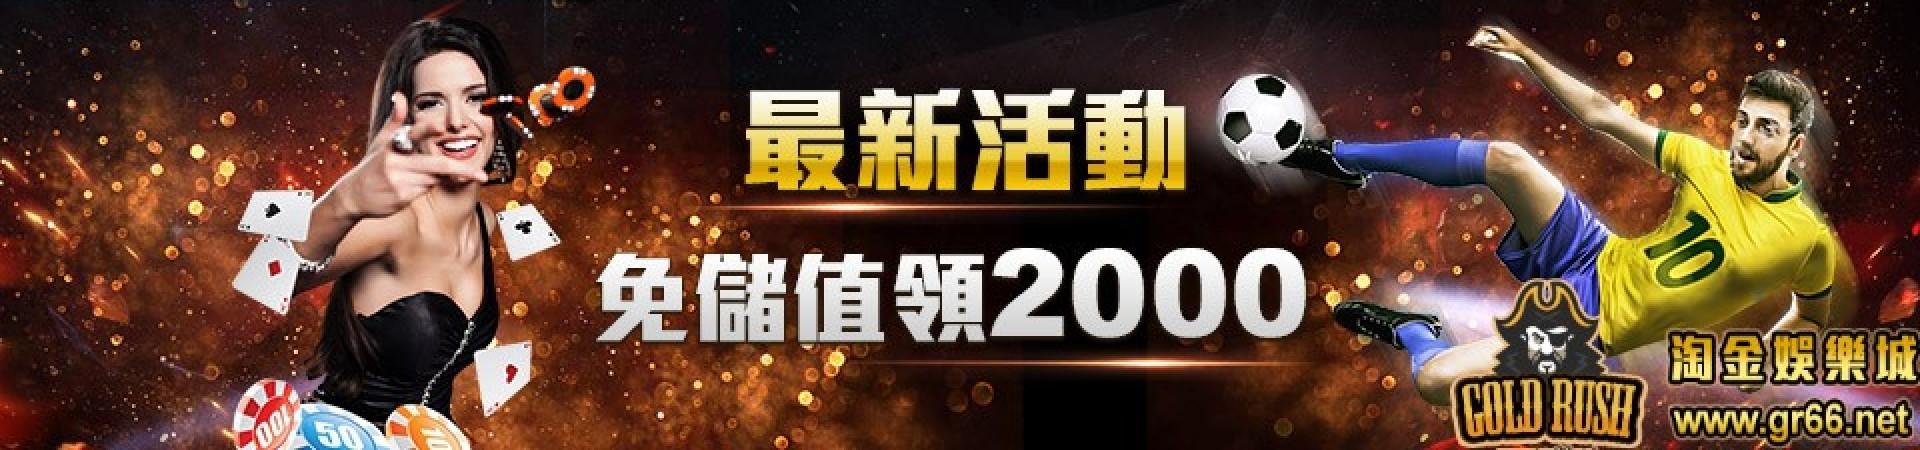 淘金娛樂送2000